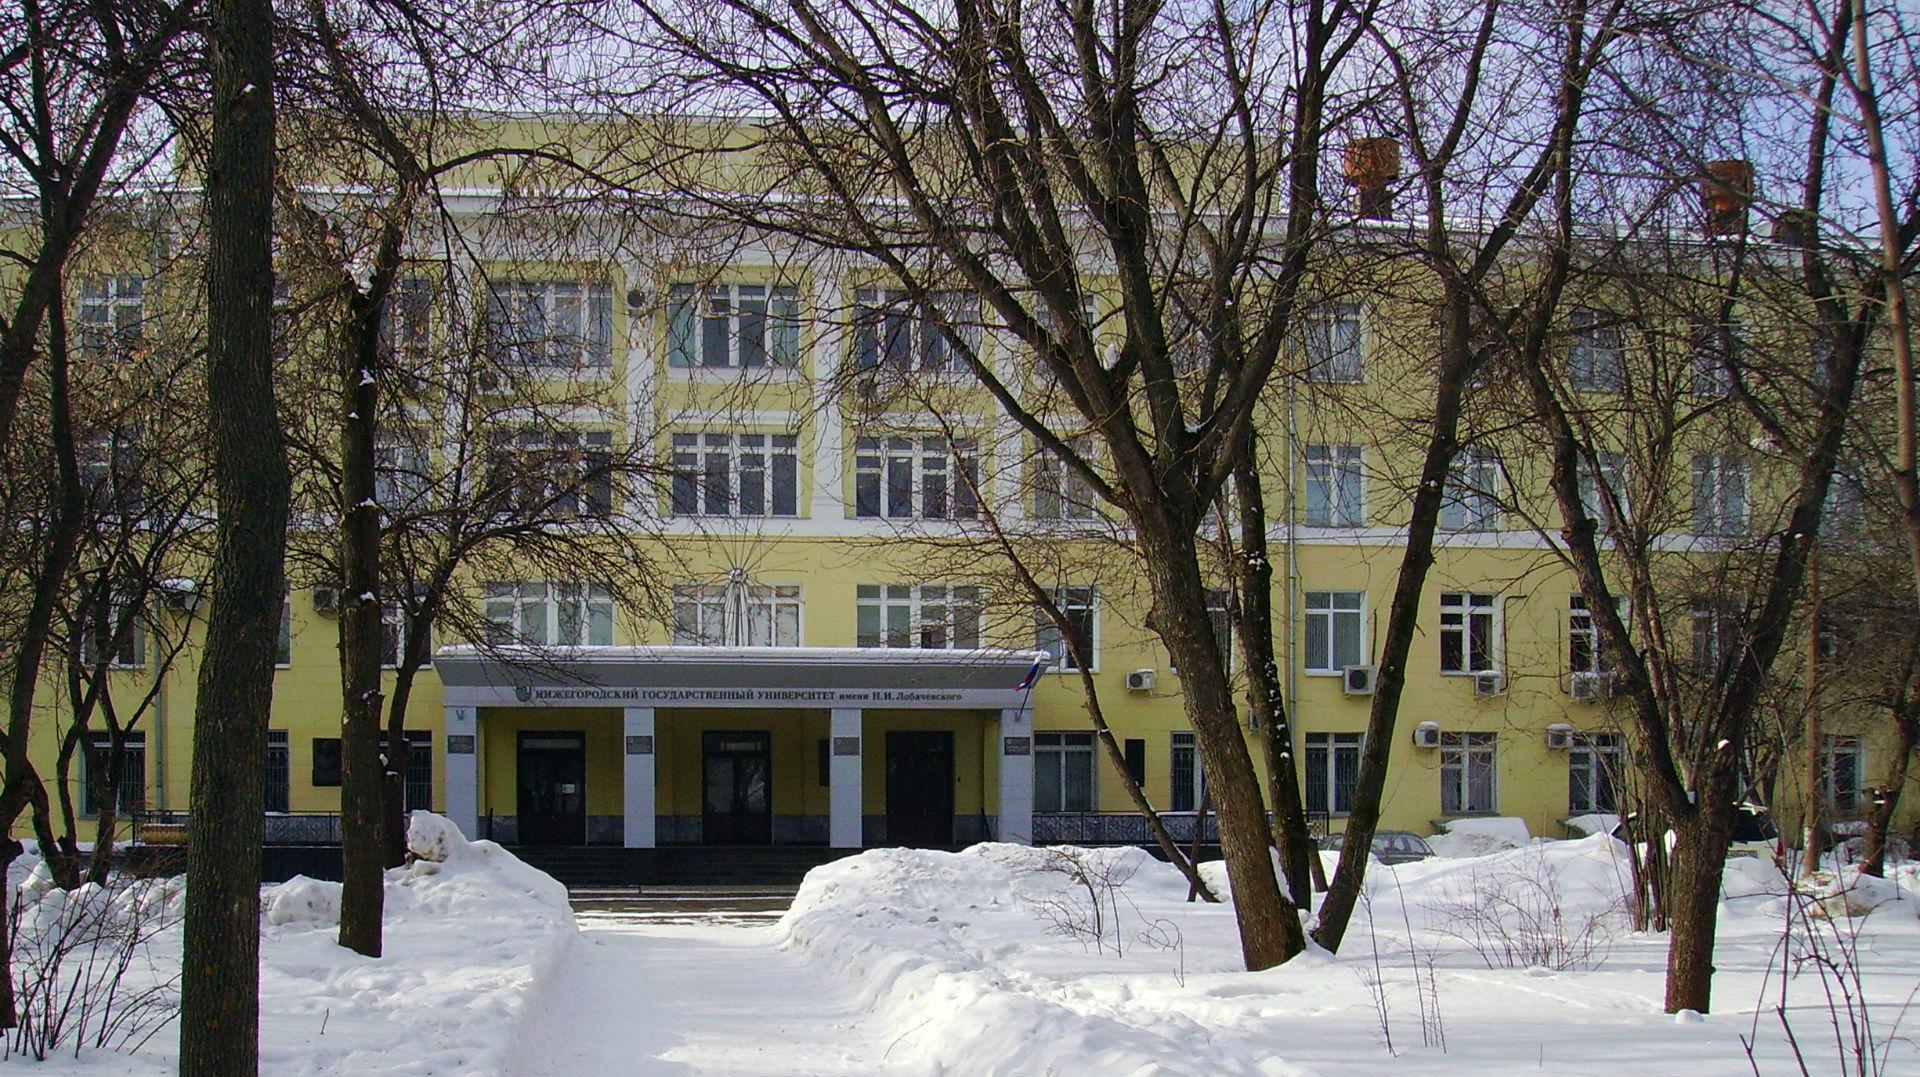 Живем и работаем не в столицах: рынок разработки программного обеспечения в Нижнем Новгороде - 6